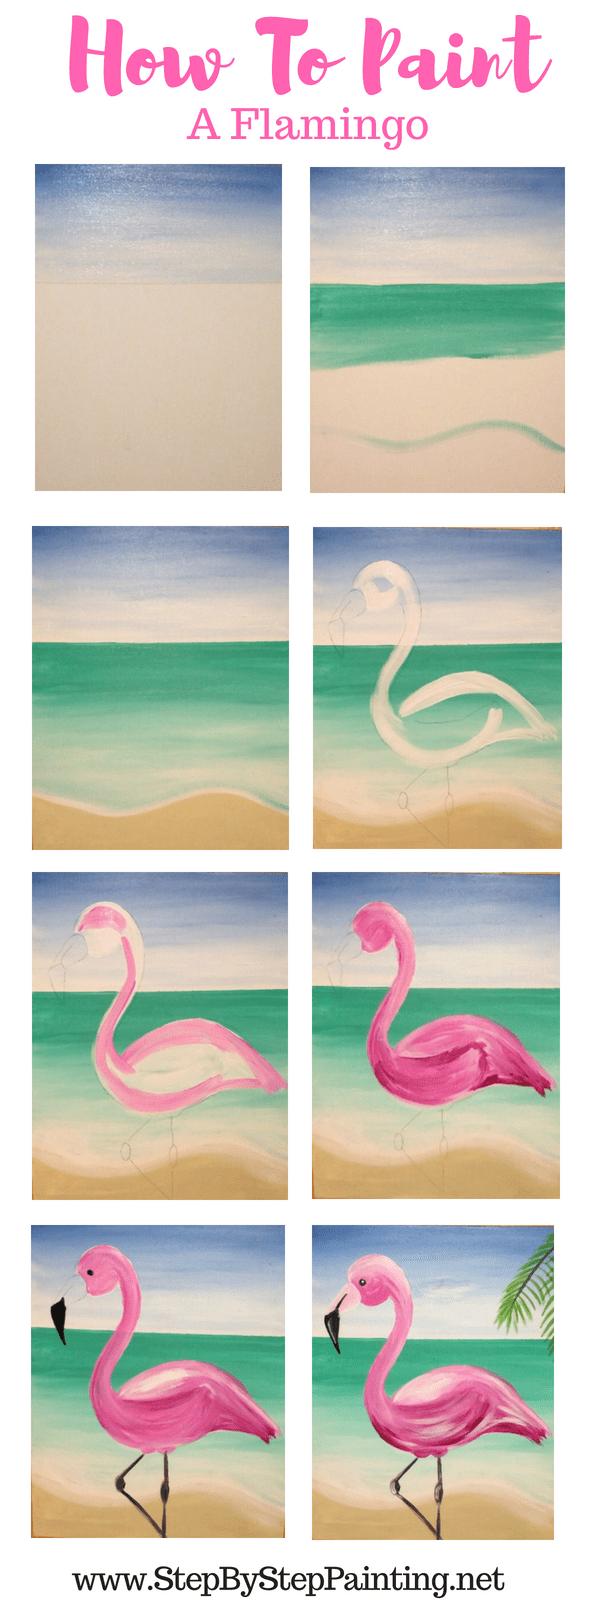 """如何绘制火烈鸟学习如何用丙烯酸涂料在海滩上绘制粉红色的火烈鸟!这一步一步的绘画教程将引导您完成如何绘制一个简单而简单的海滩背景的步骤。然后,我会告诉你如何追踪或绘制火烈鸟,并呈现它......继续阅读""""如何画火烈鸟"""""""